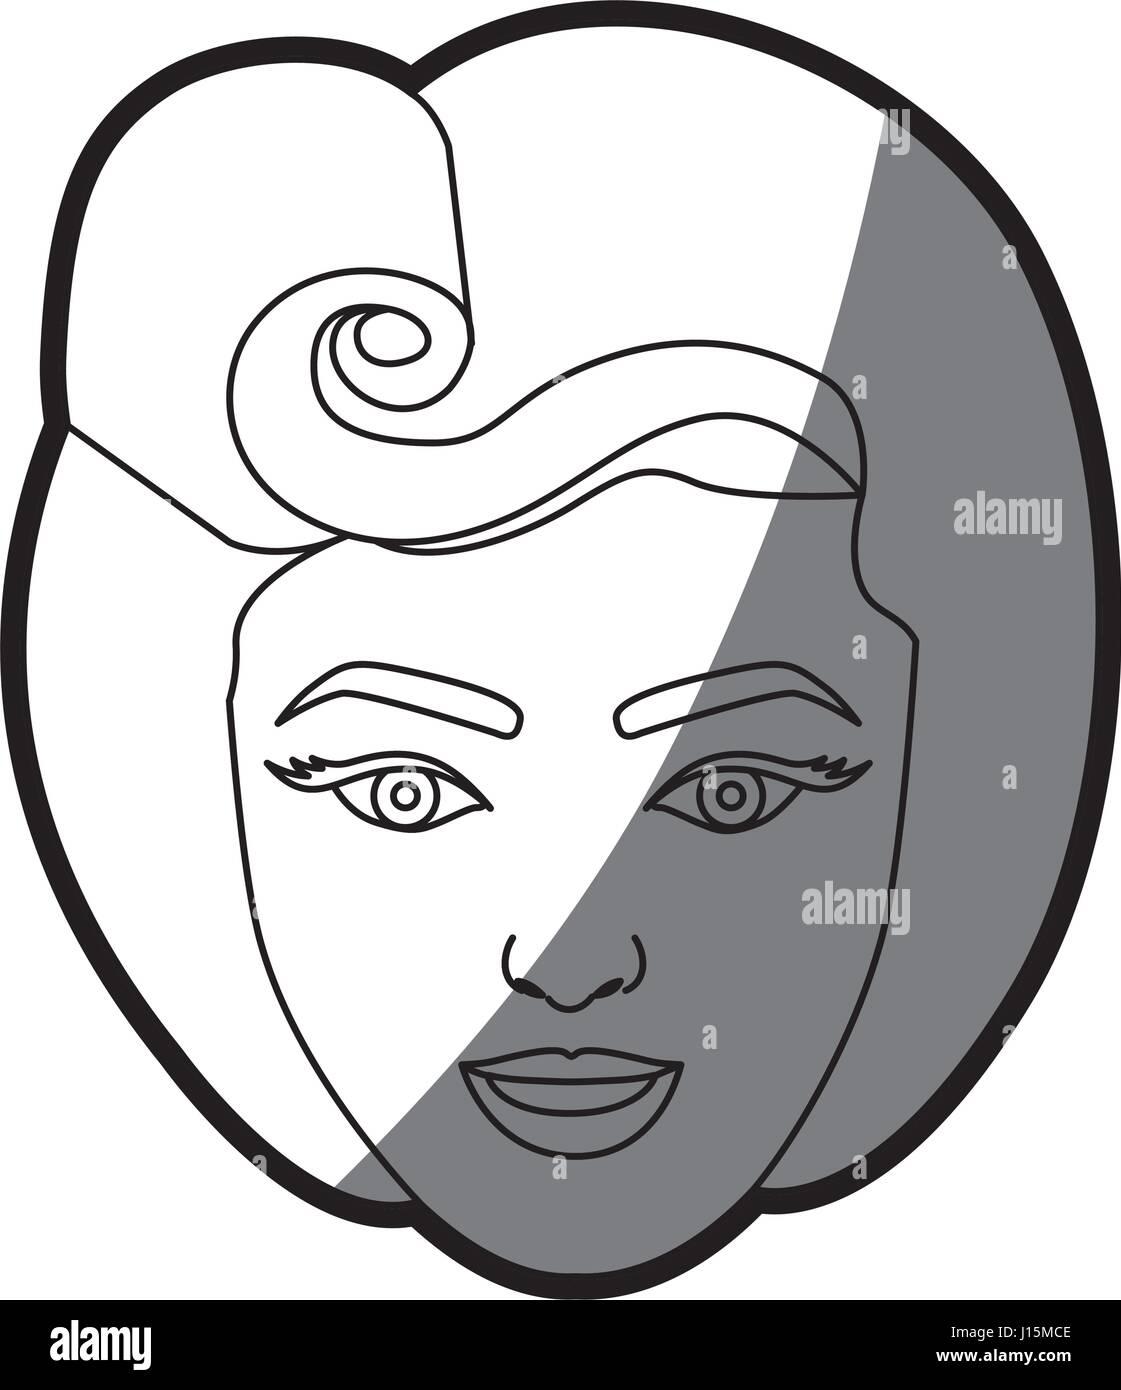 Kontur Schattierung Gesicht Frau Mit 80er Jahre Frisur